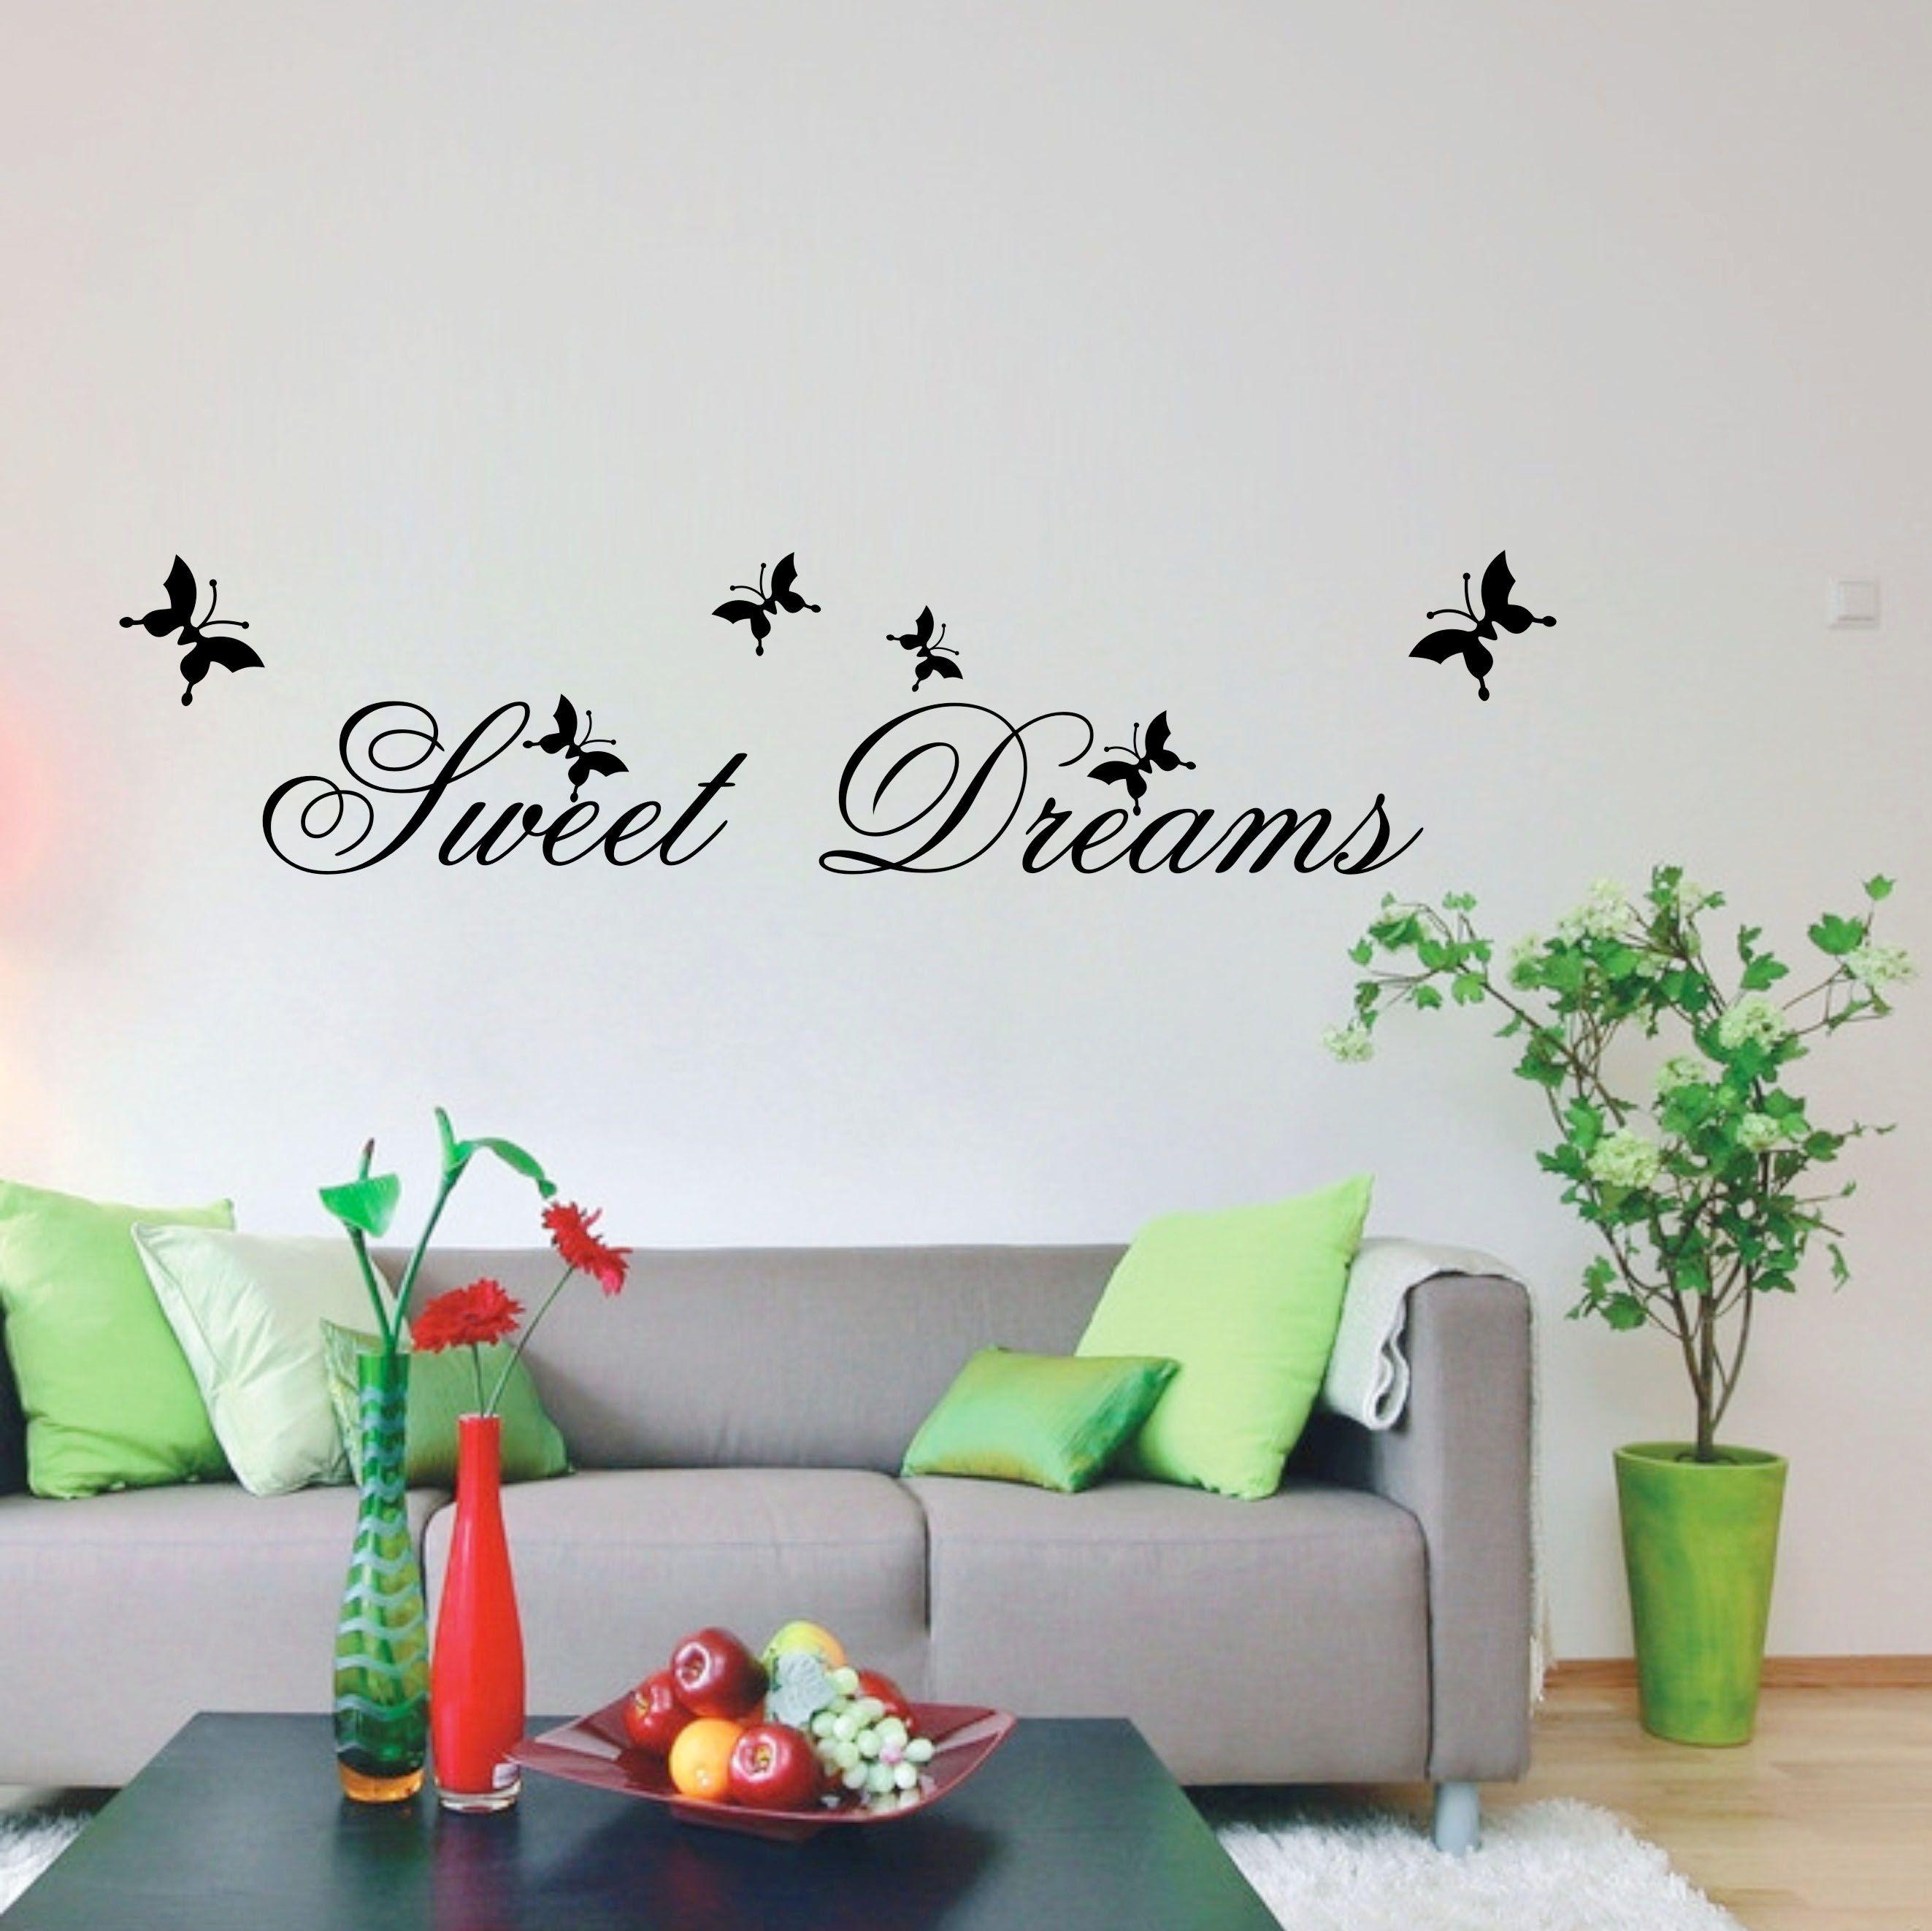 Dulces Suenos Es El Titulo De Este Vinilo Decorativo Ideal Para Colocar Sobre El Cabecero Del Dormitorio Wall Quotes Decals Home Decor Butterfly Wall